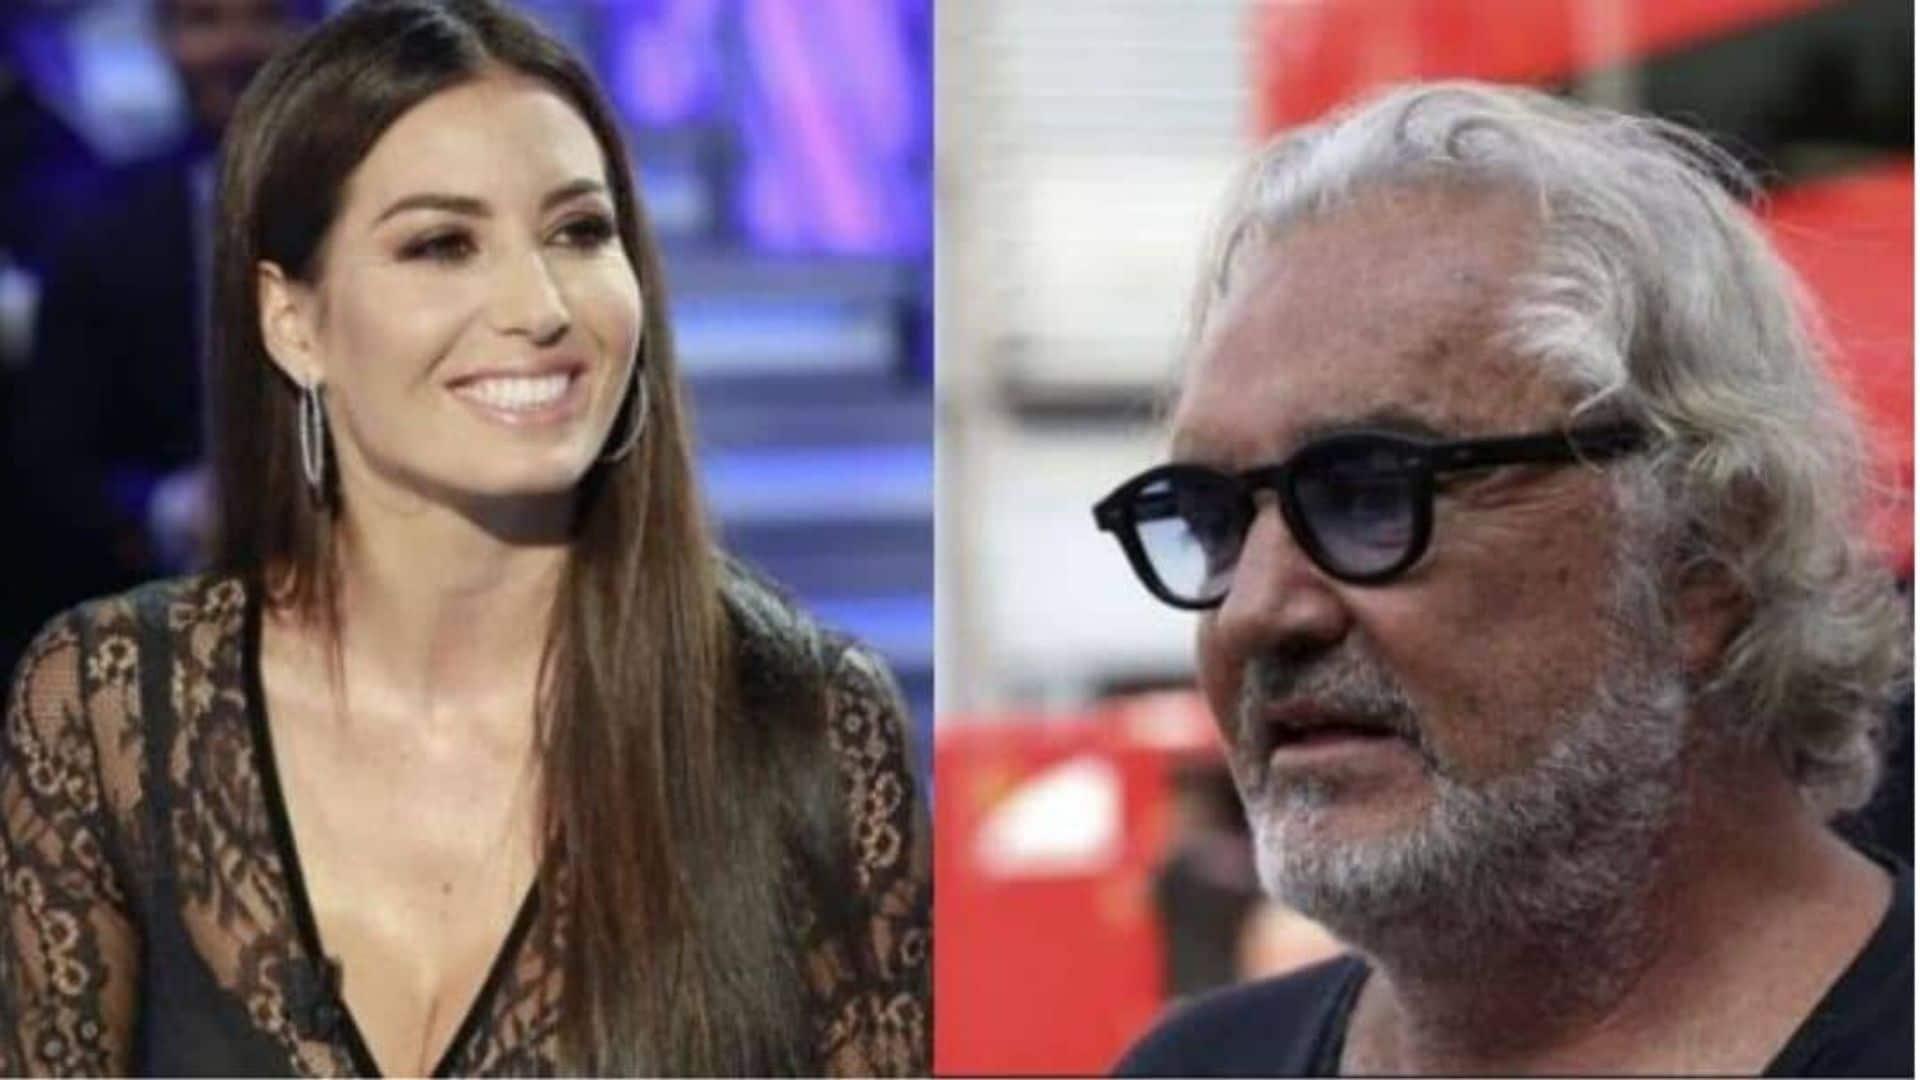 Ritorno di fiamma? Flavio Briatore e Elisabetta Gregoraci insieme a pranzo